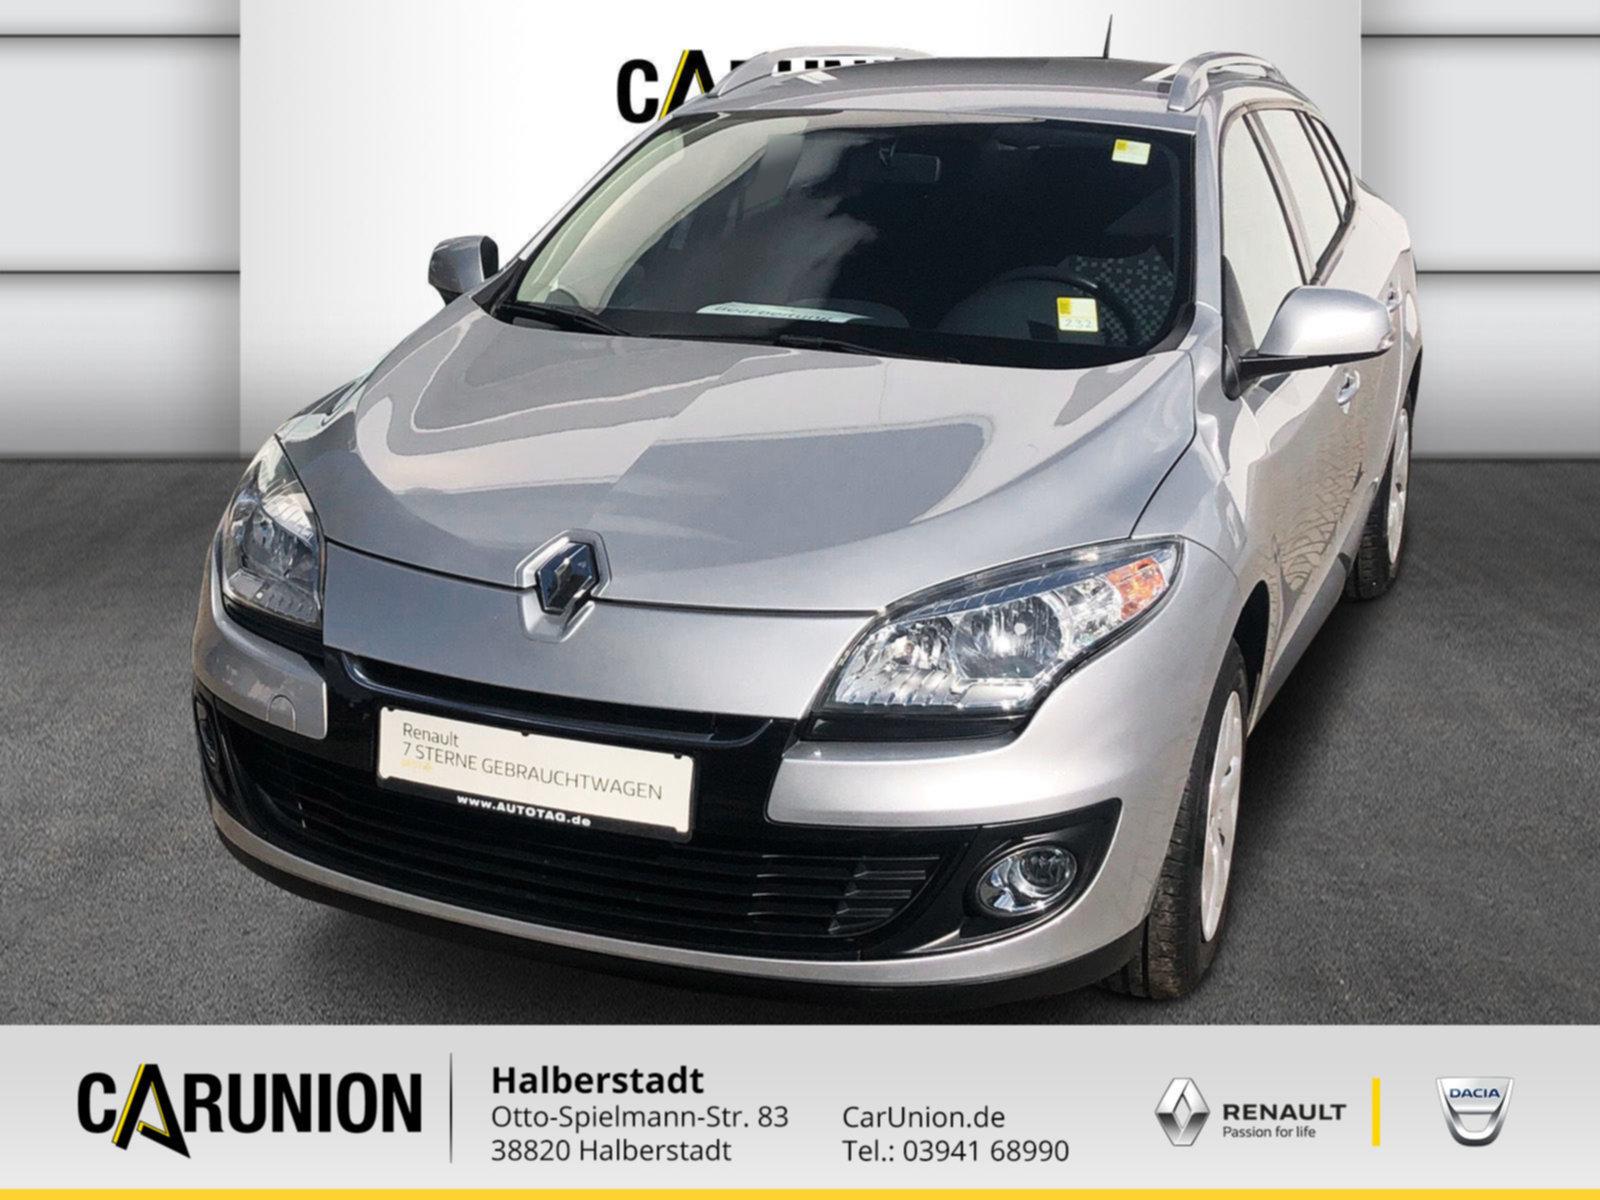 Renault Megane Gandtour 1.6 16V Paris Klima,Radio, WKR, Jahr 2014, Benzin